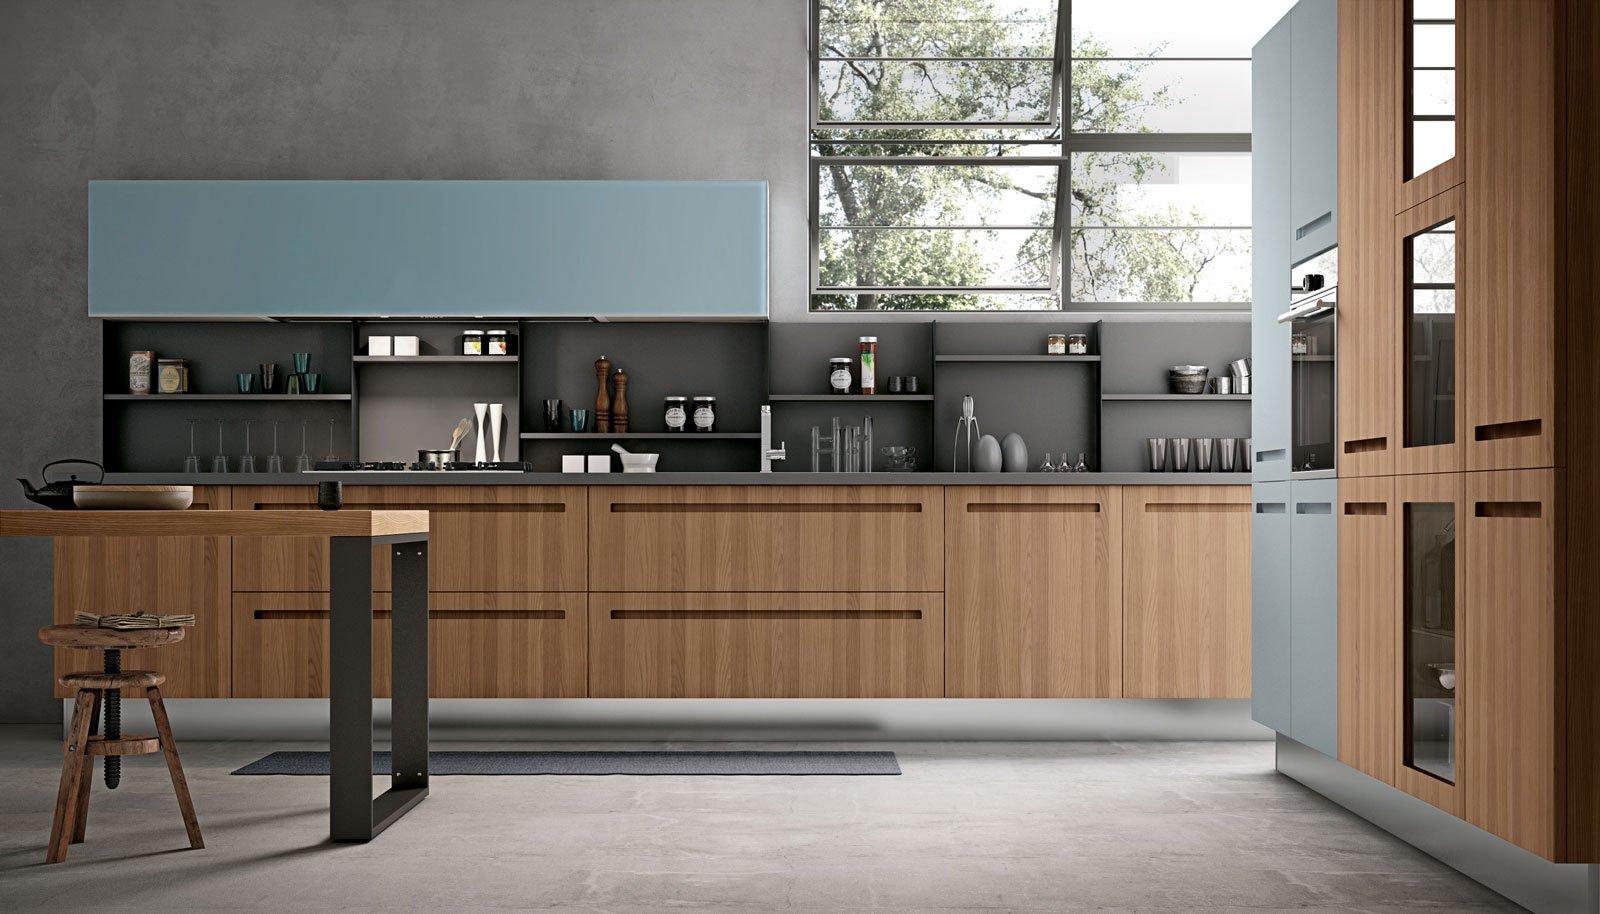 Vernici atossiche per i mobili della cucina   cose di casa